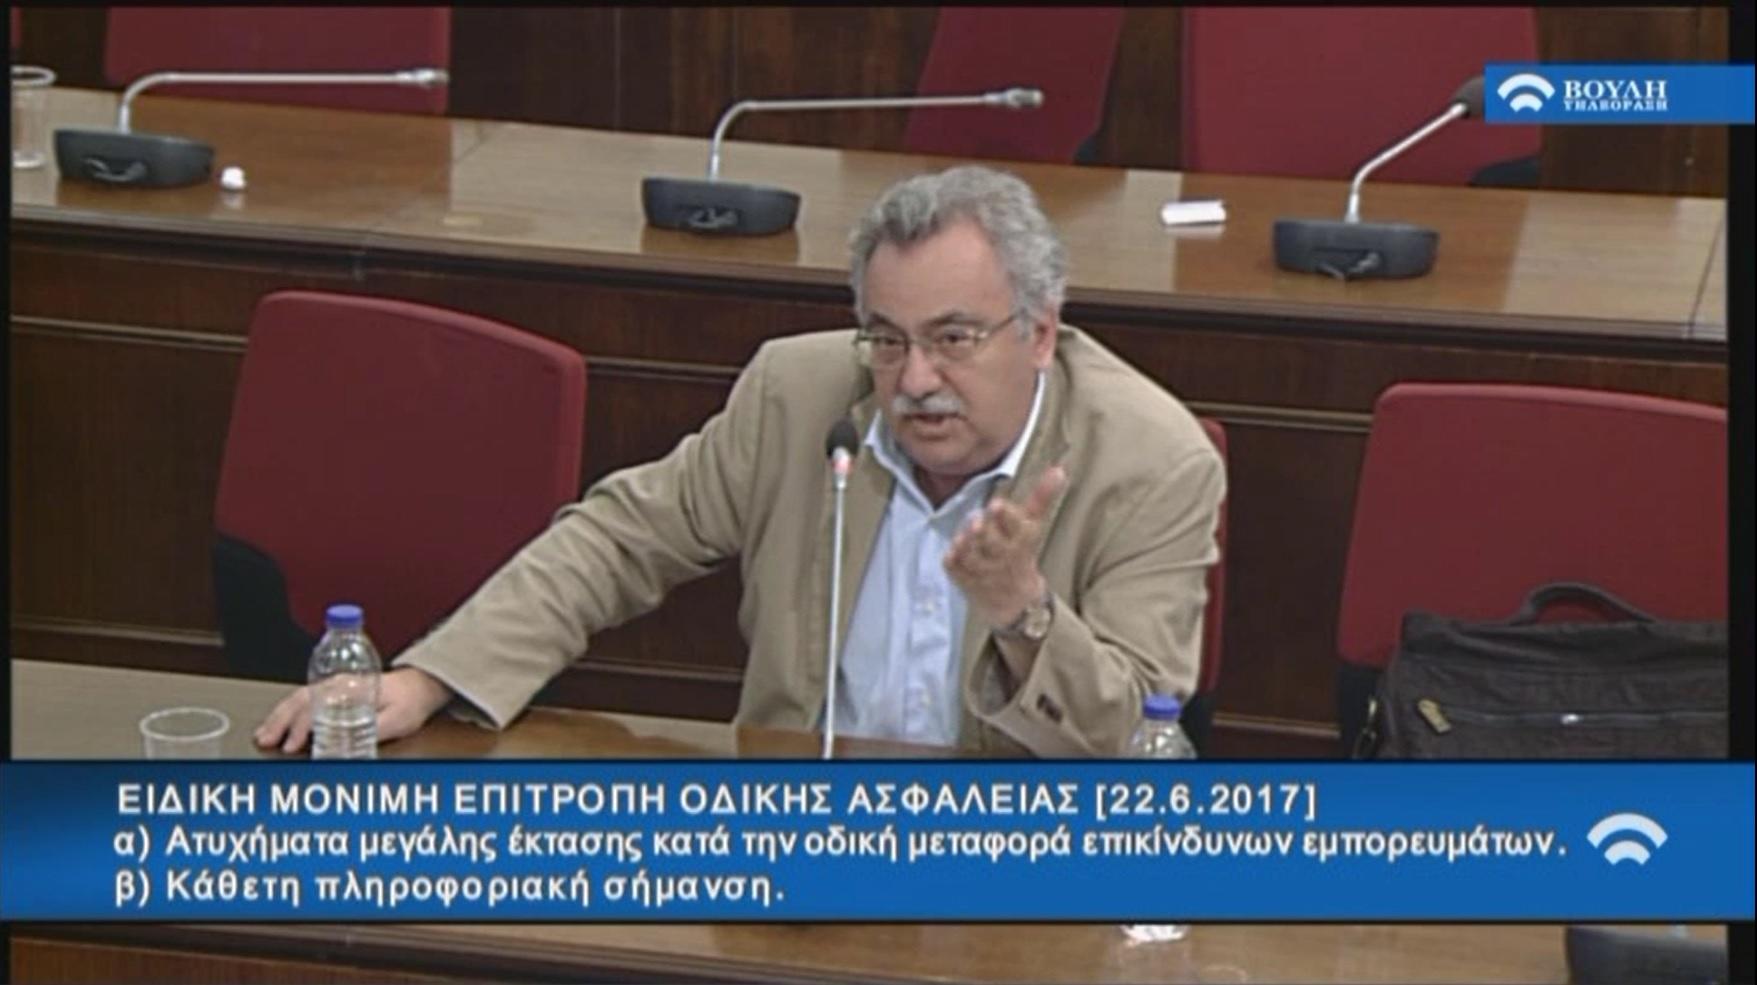 Προτάσεις του Κ. Σπαρτινού για την αποτροπή ατυχημάτων κατά την οδική μεταφορά επικίνδυνων εμπορευμάτων